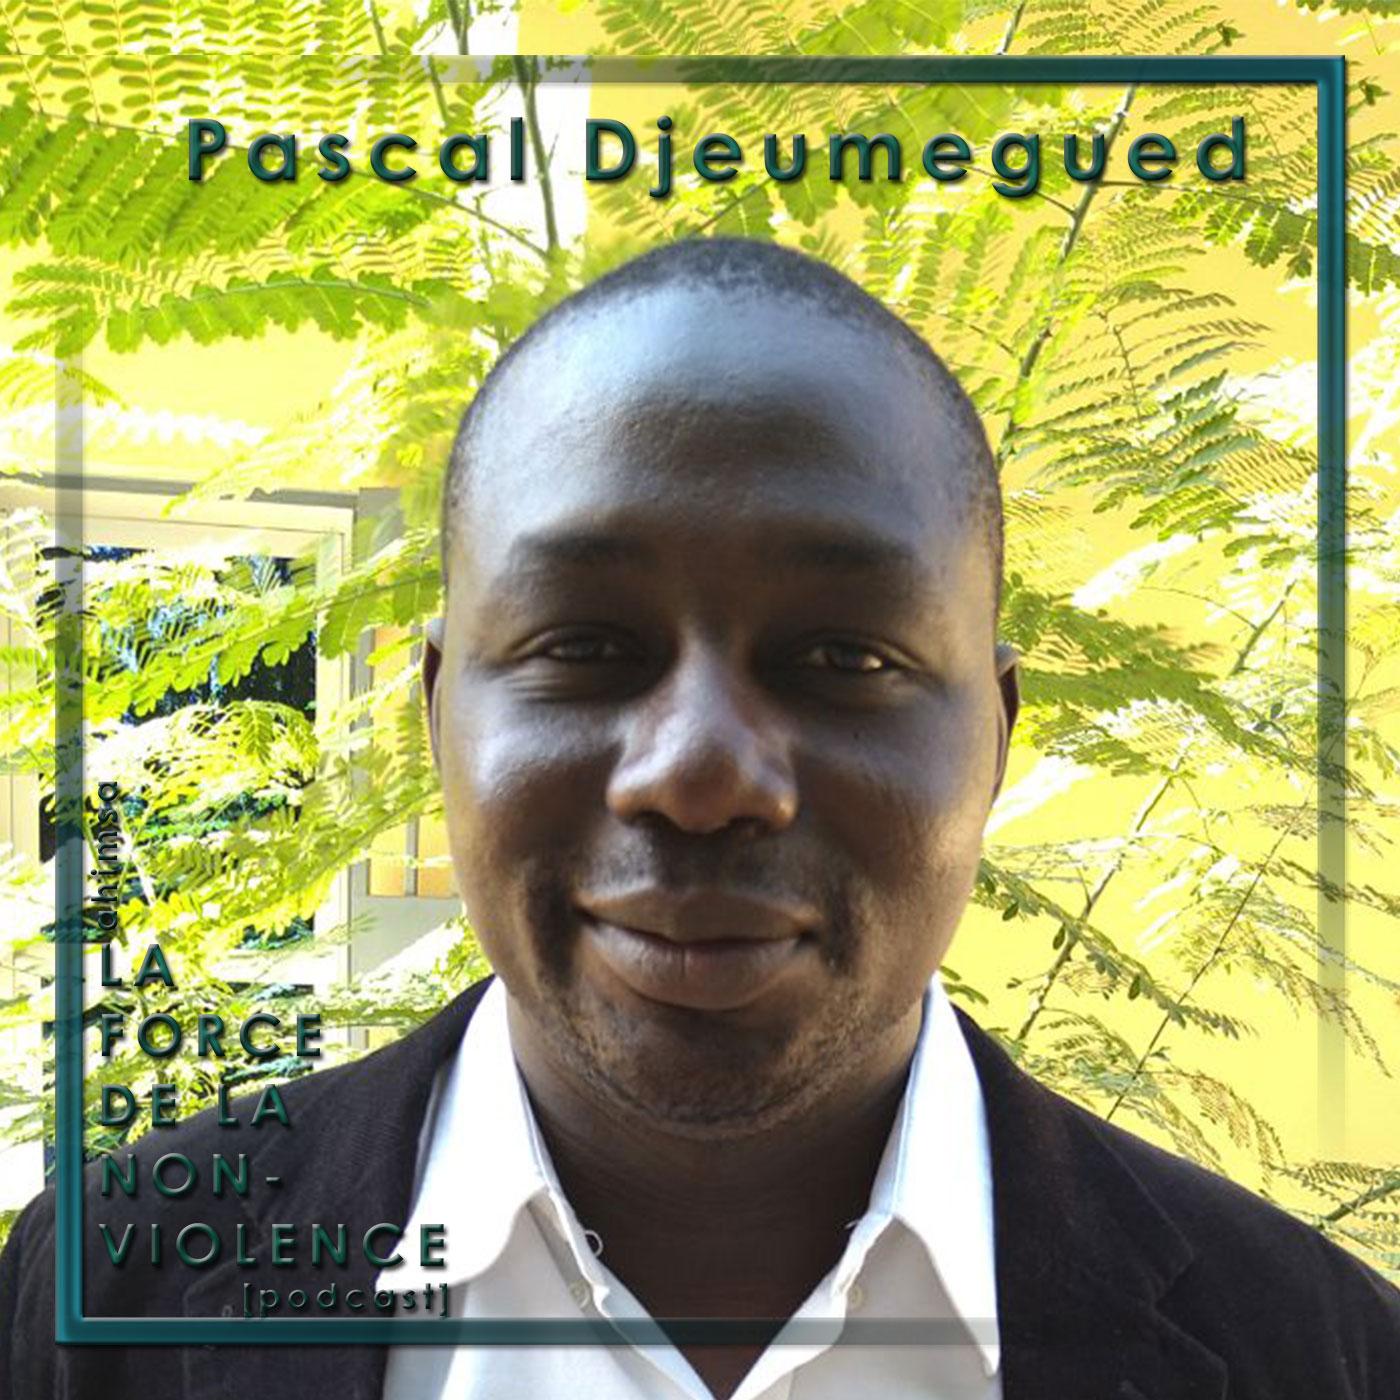 Pascal Djeumegued- Podcast La Force de la Non-violence